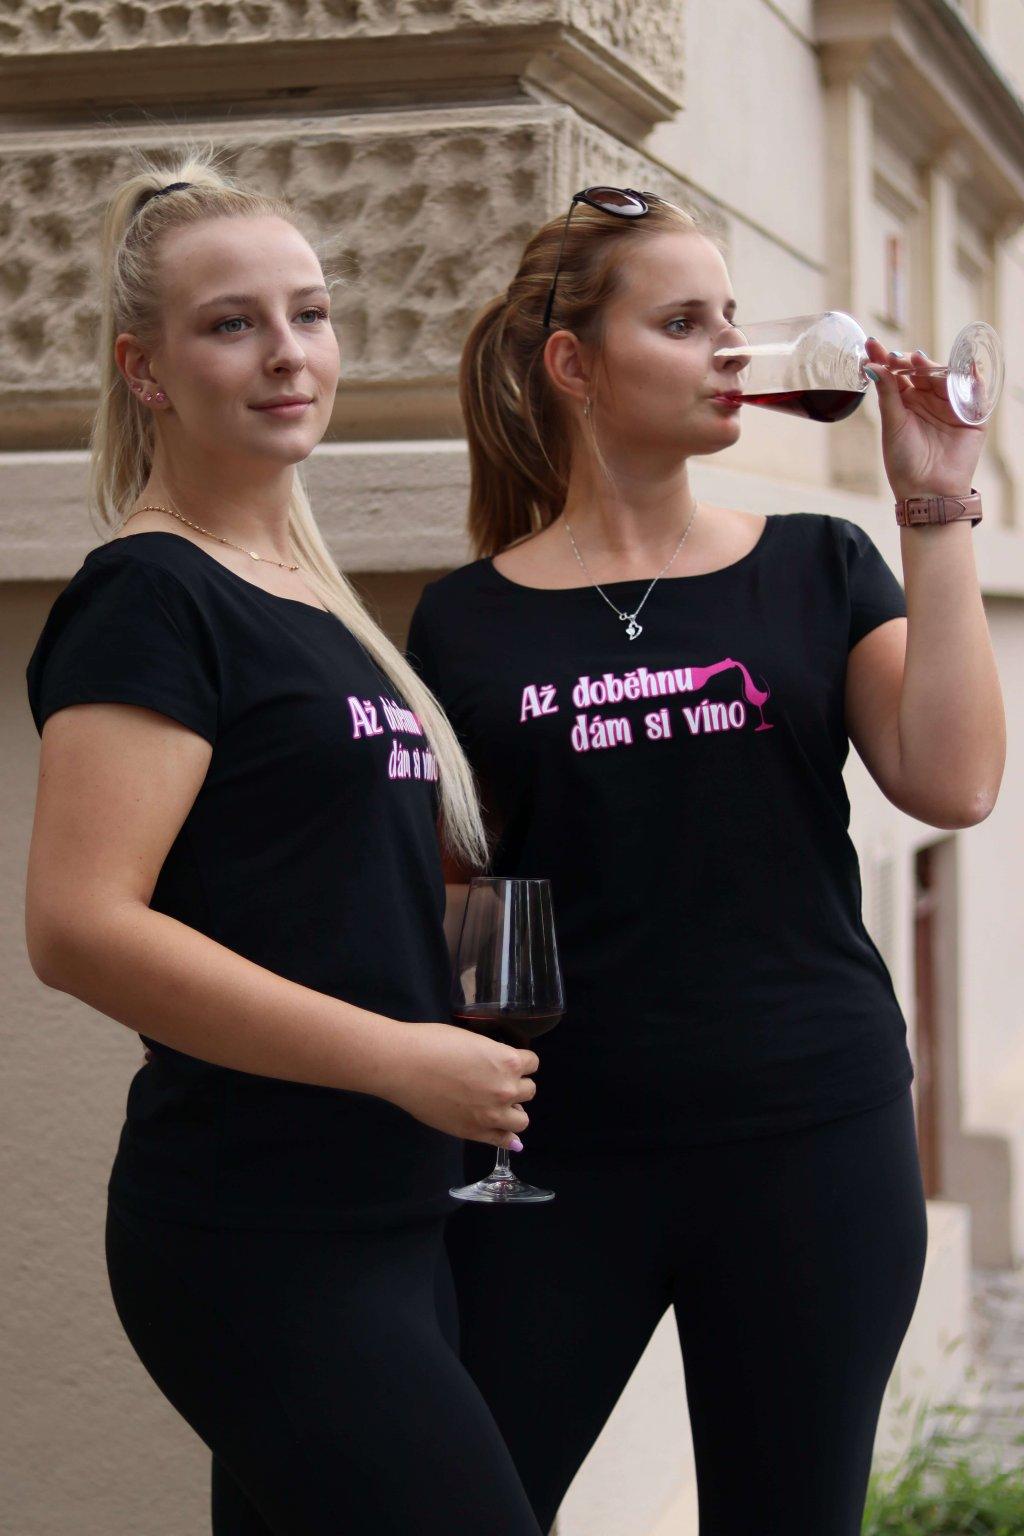 vino eshop